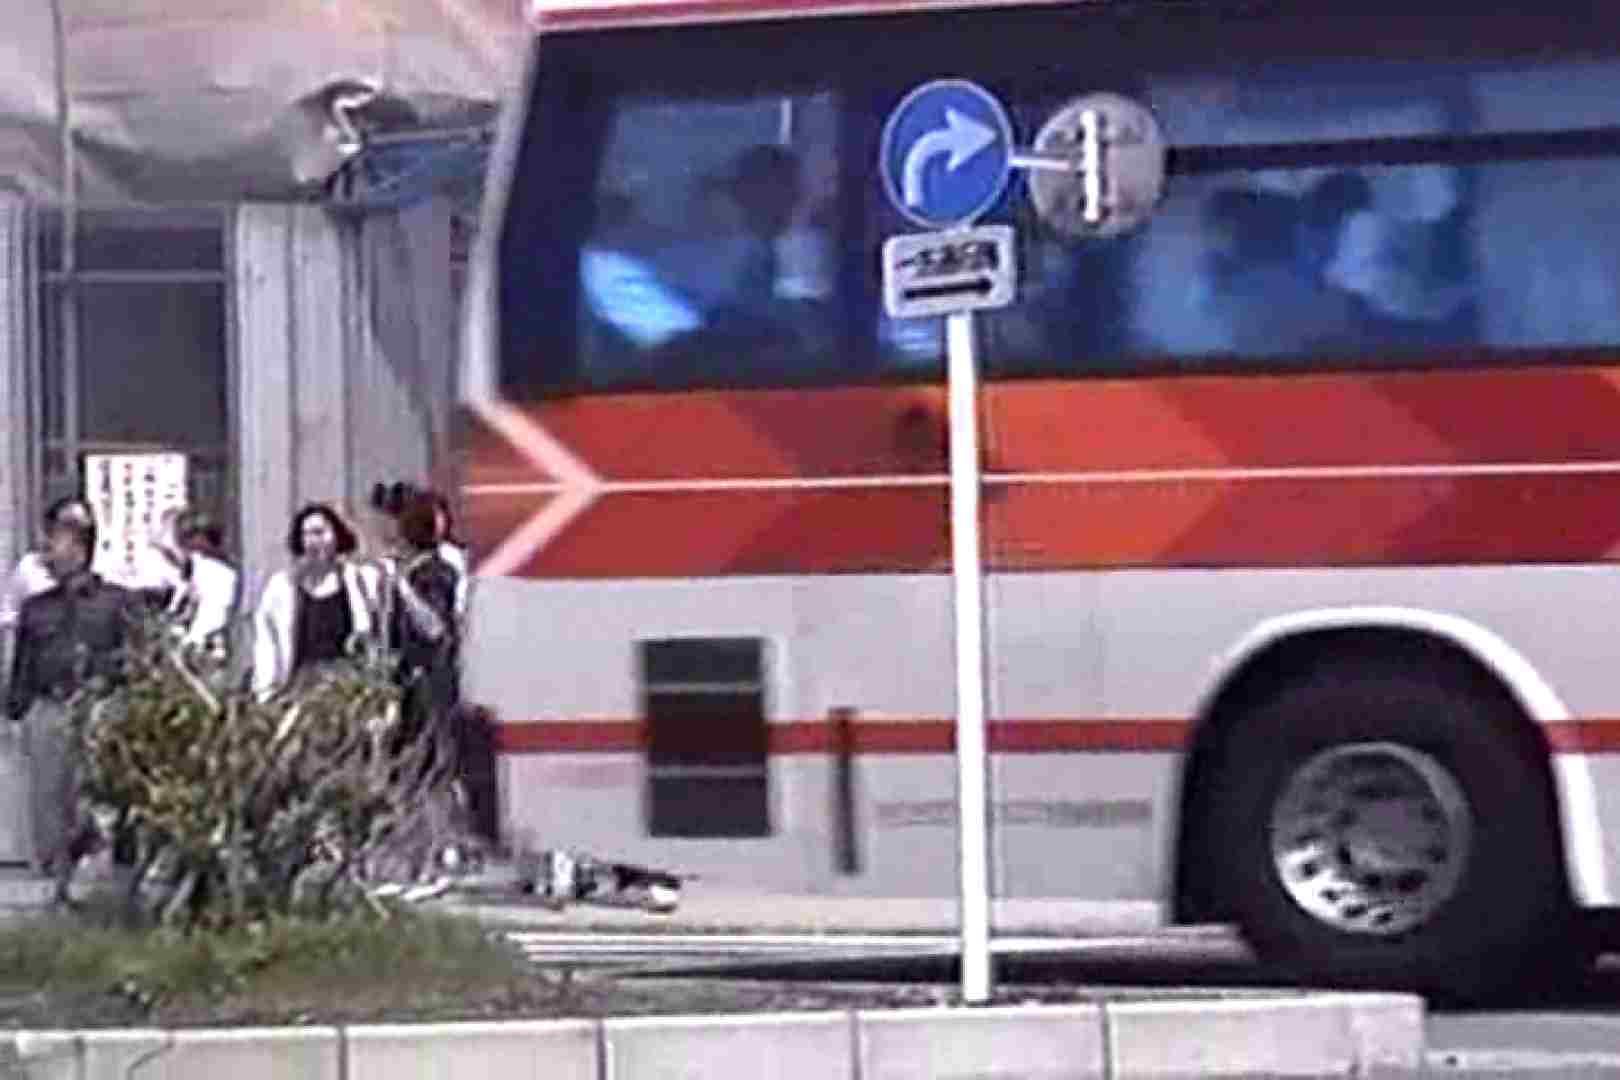 (9月21日配信停止)超・痴覚の眼 修学旅行TNK-09 潜入 すけべAV動画紹介 107画像 32